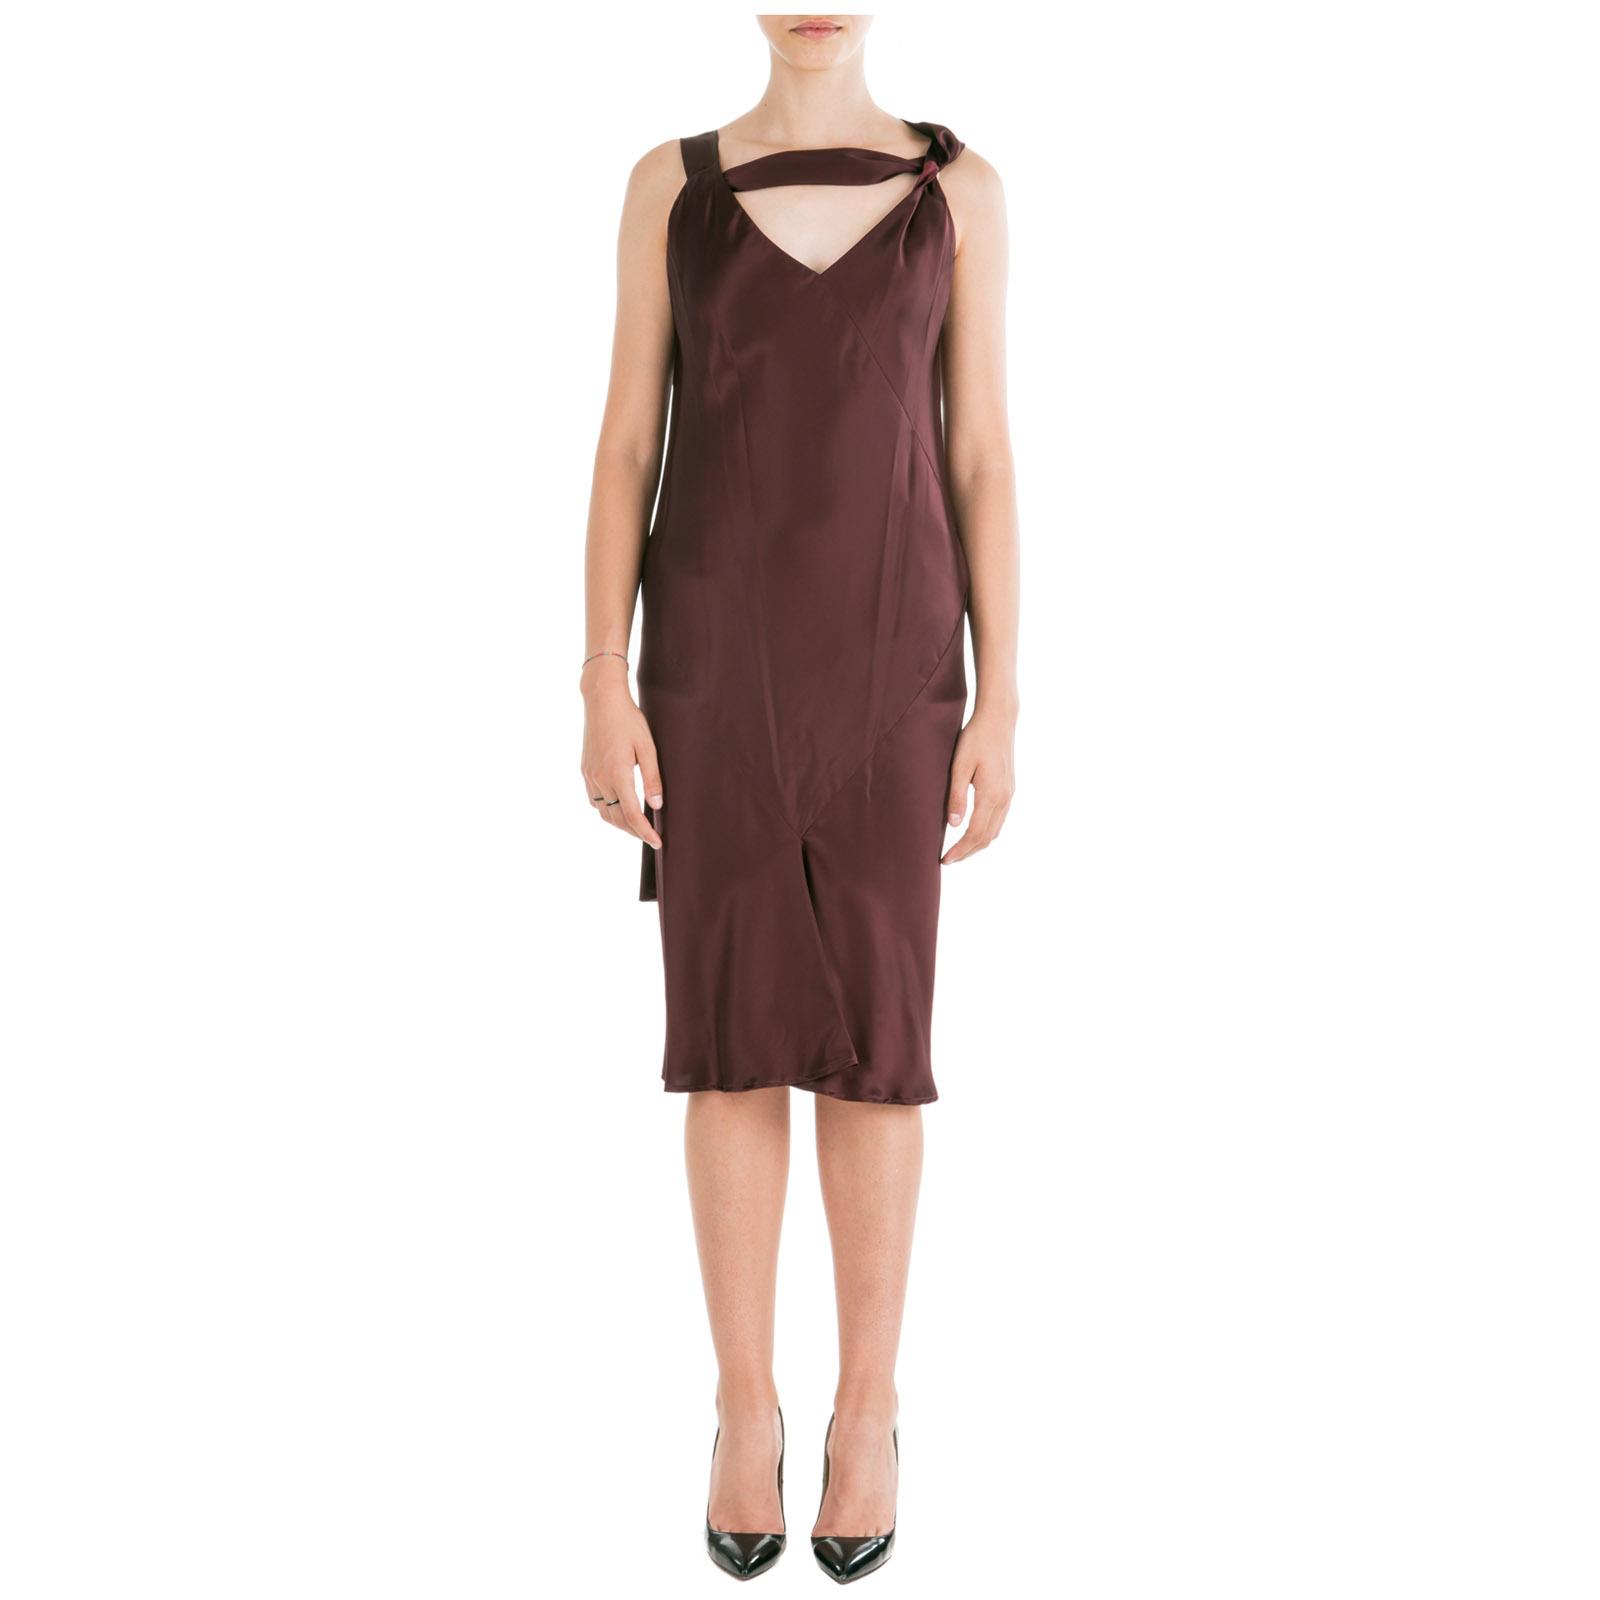 huge selection of 35e9c 984f0 Vestito abito donna al ginocchio senza maniche slim fit